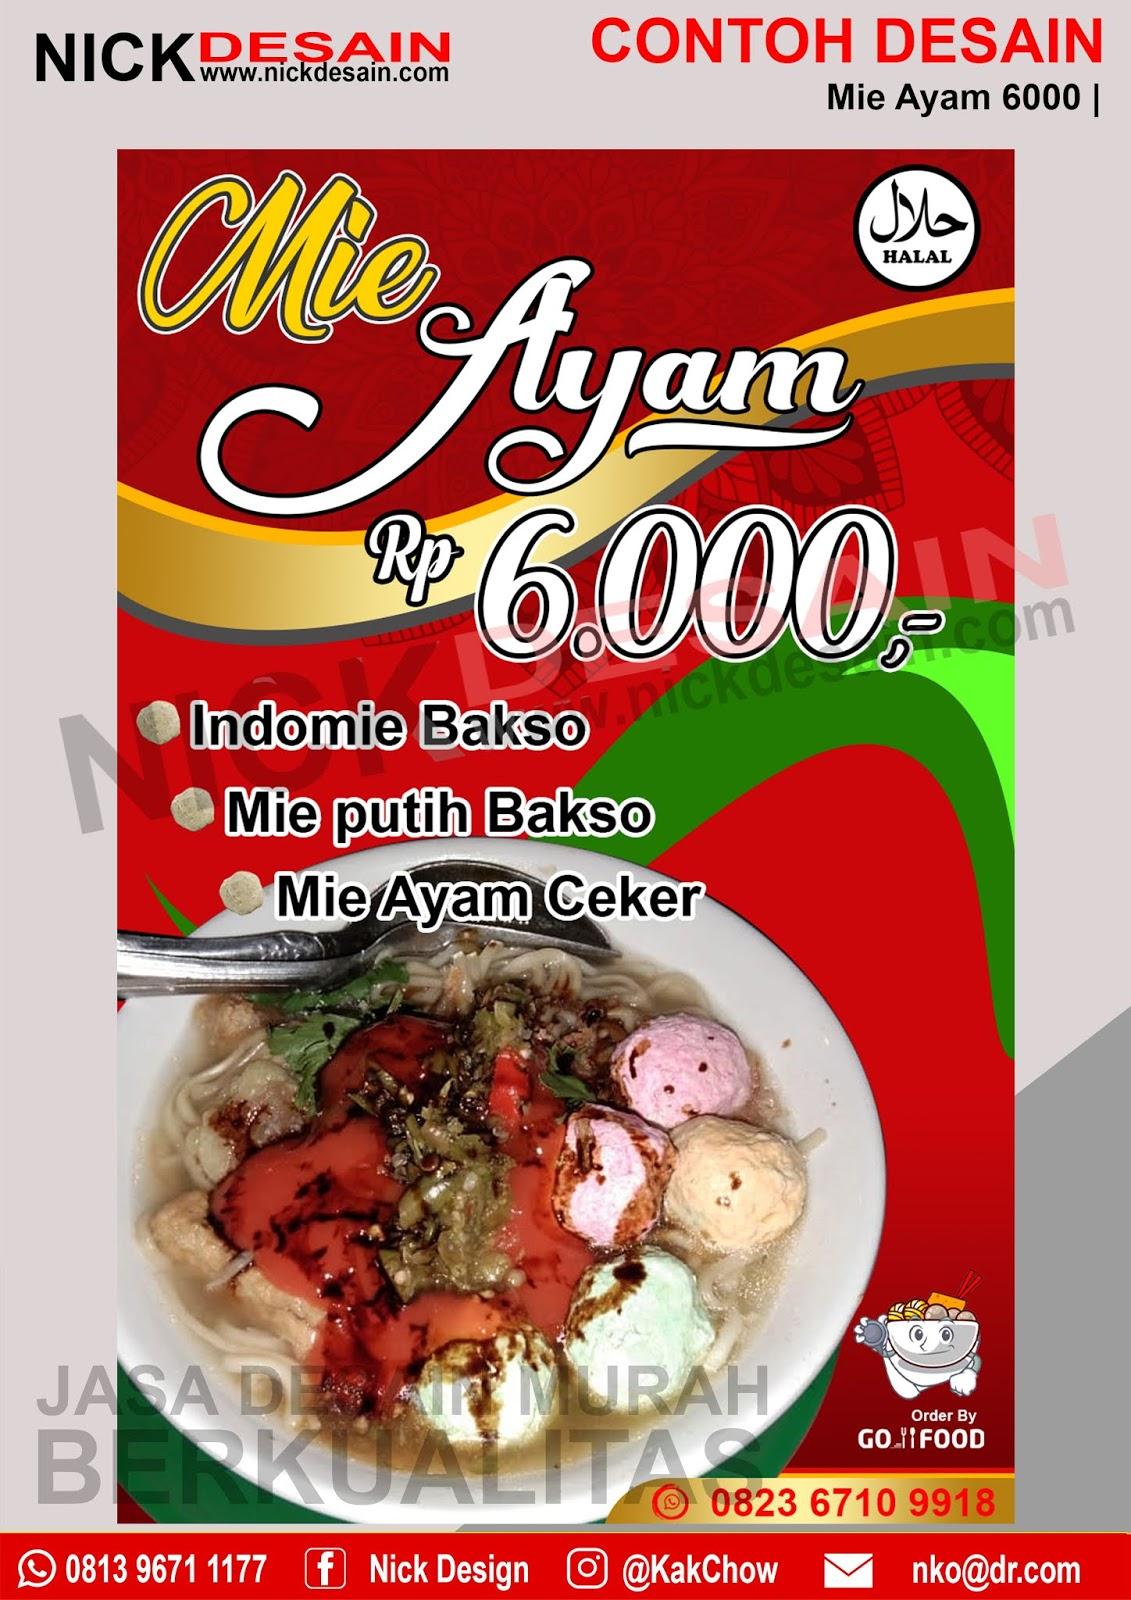 Contoh Desain Banner Spanduk Mie Ayam 6000 - Percetakan ...